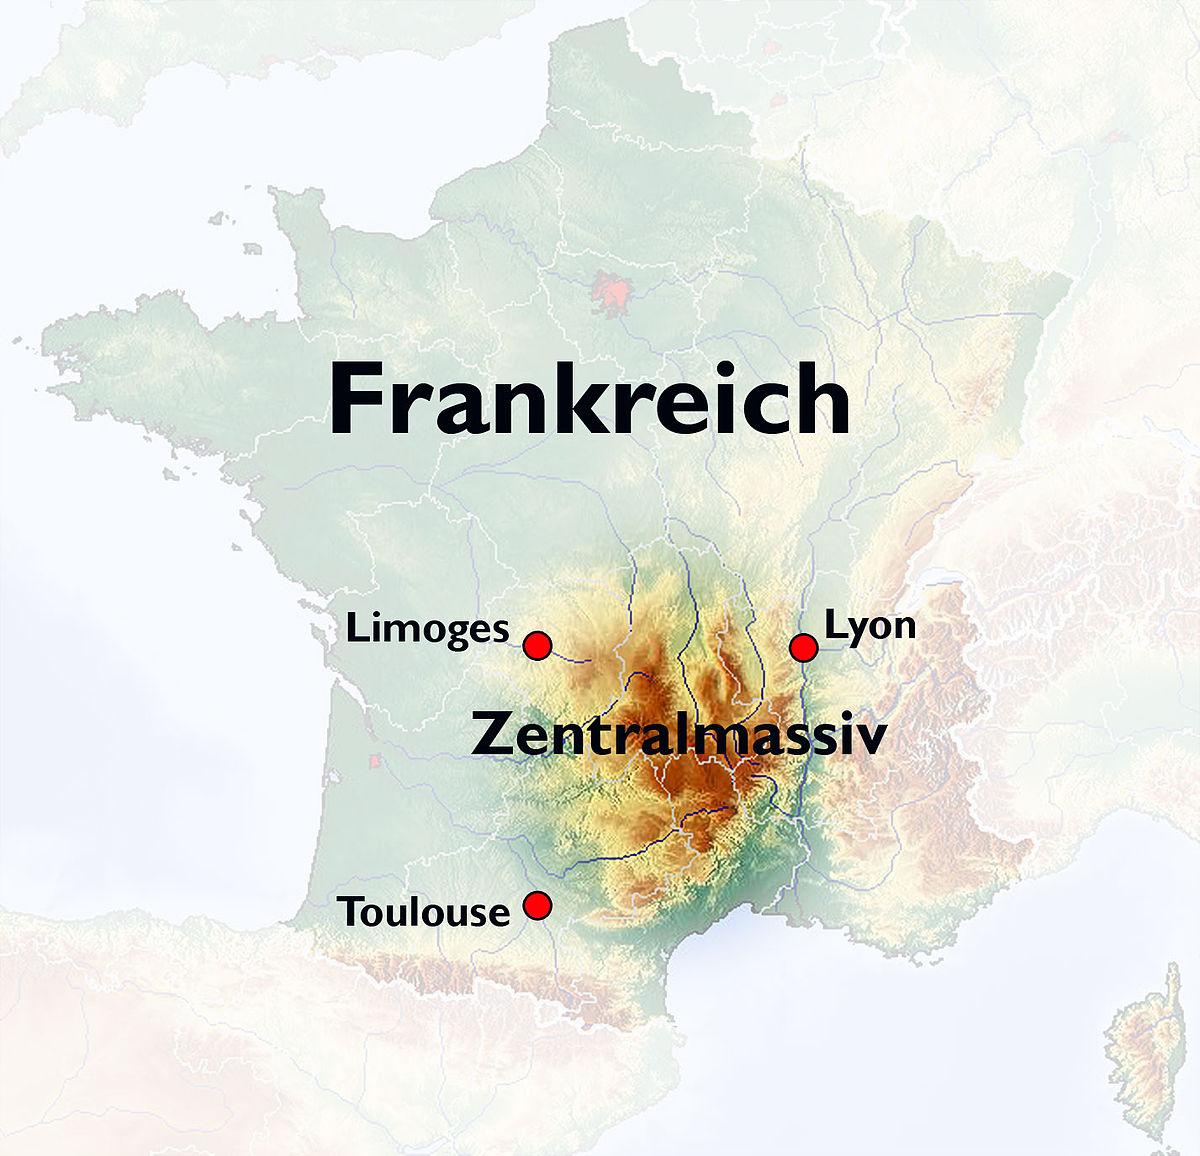 Cevennen Karte.Zentralmassiv Wikipedia